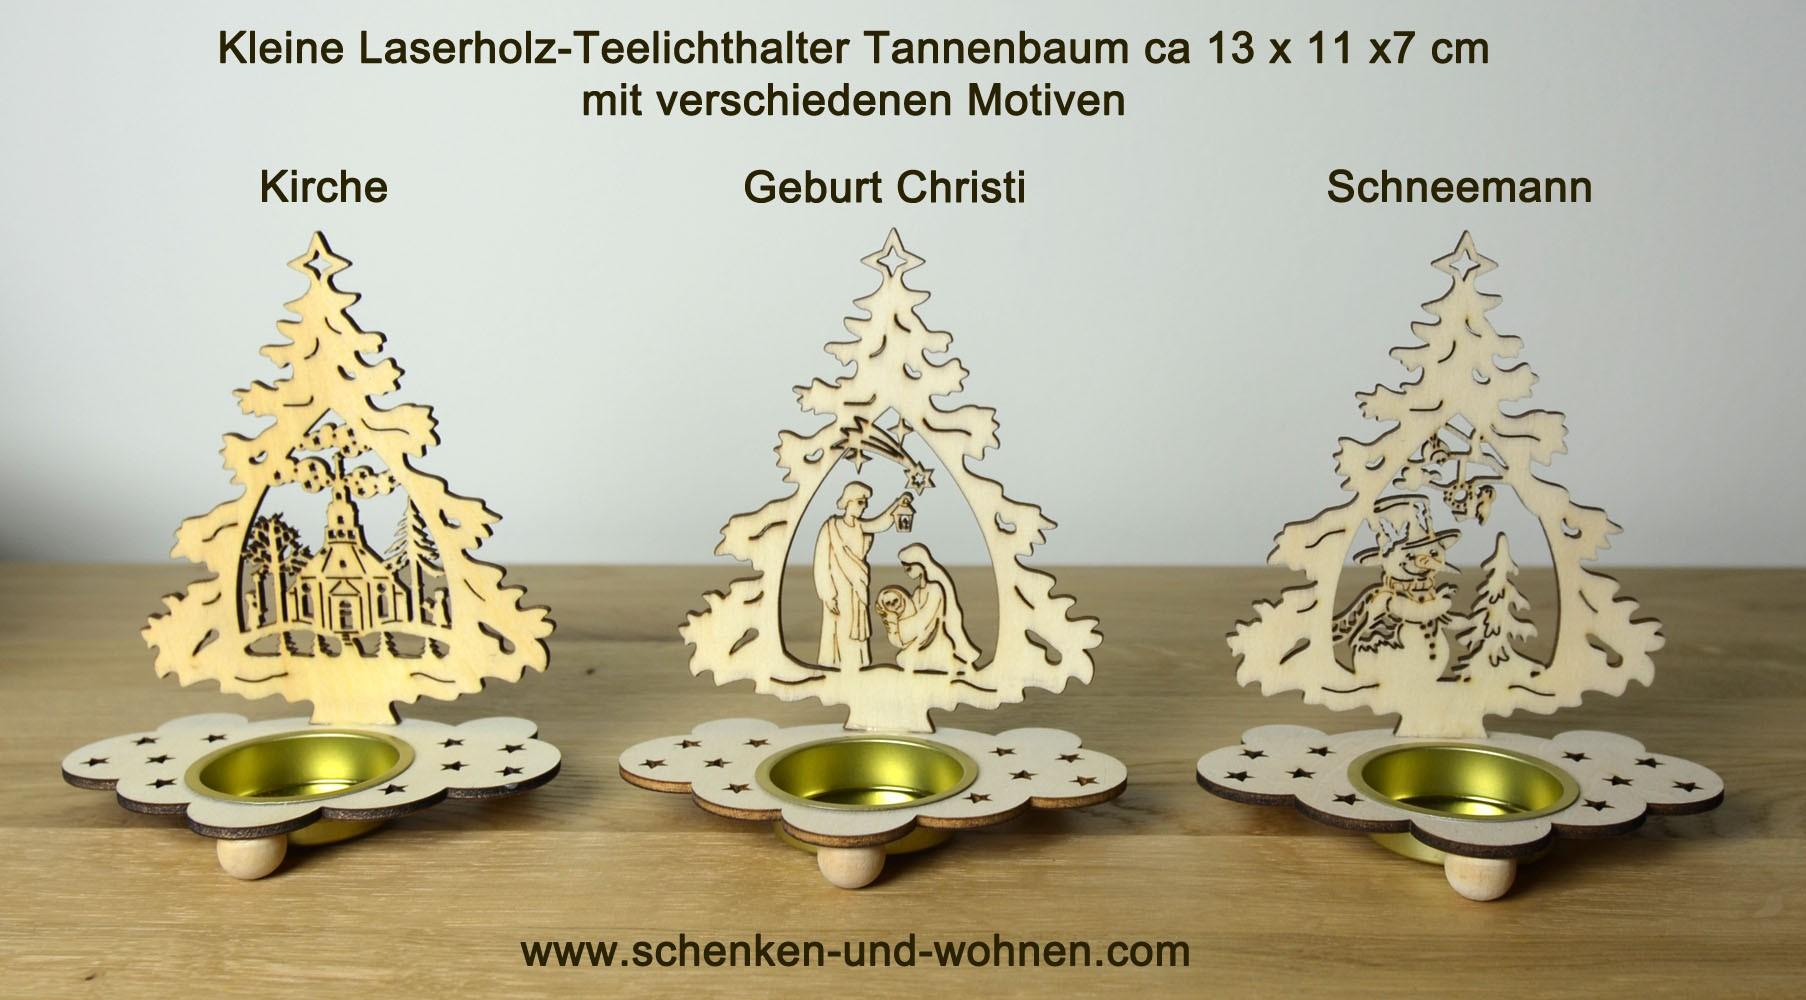 Laserholz-Teelichthalter Tanne mit Motiv Schneemann 13 x 11 x 7 cm (HxBxT)